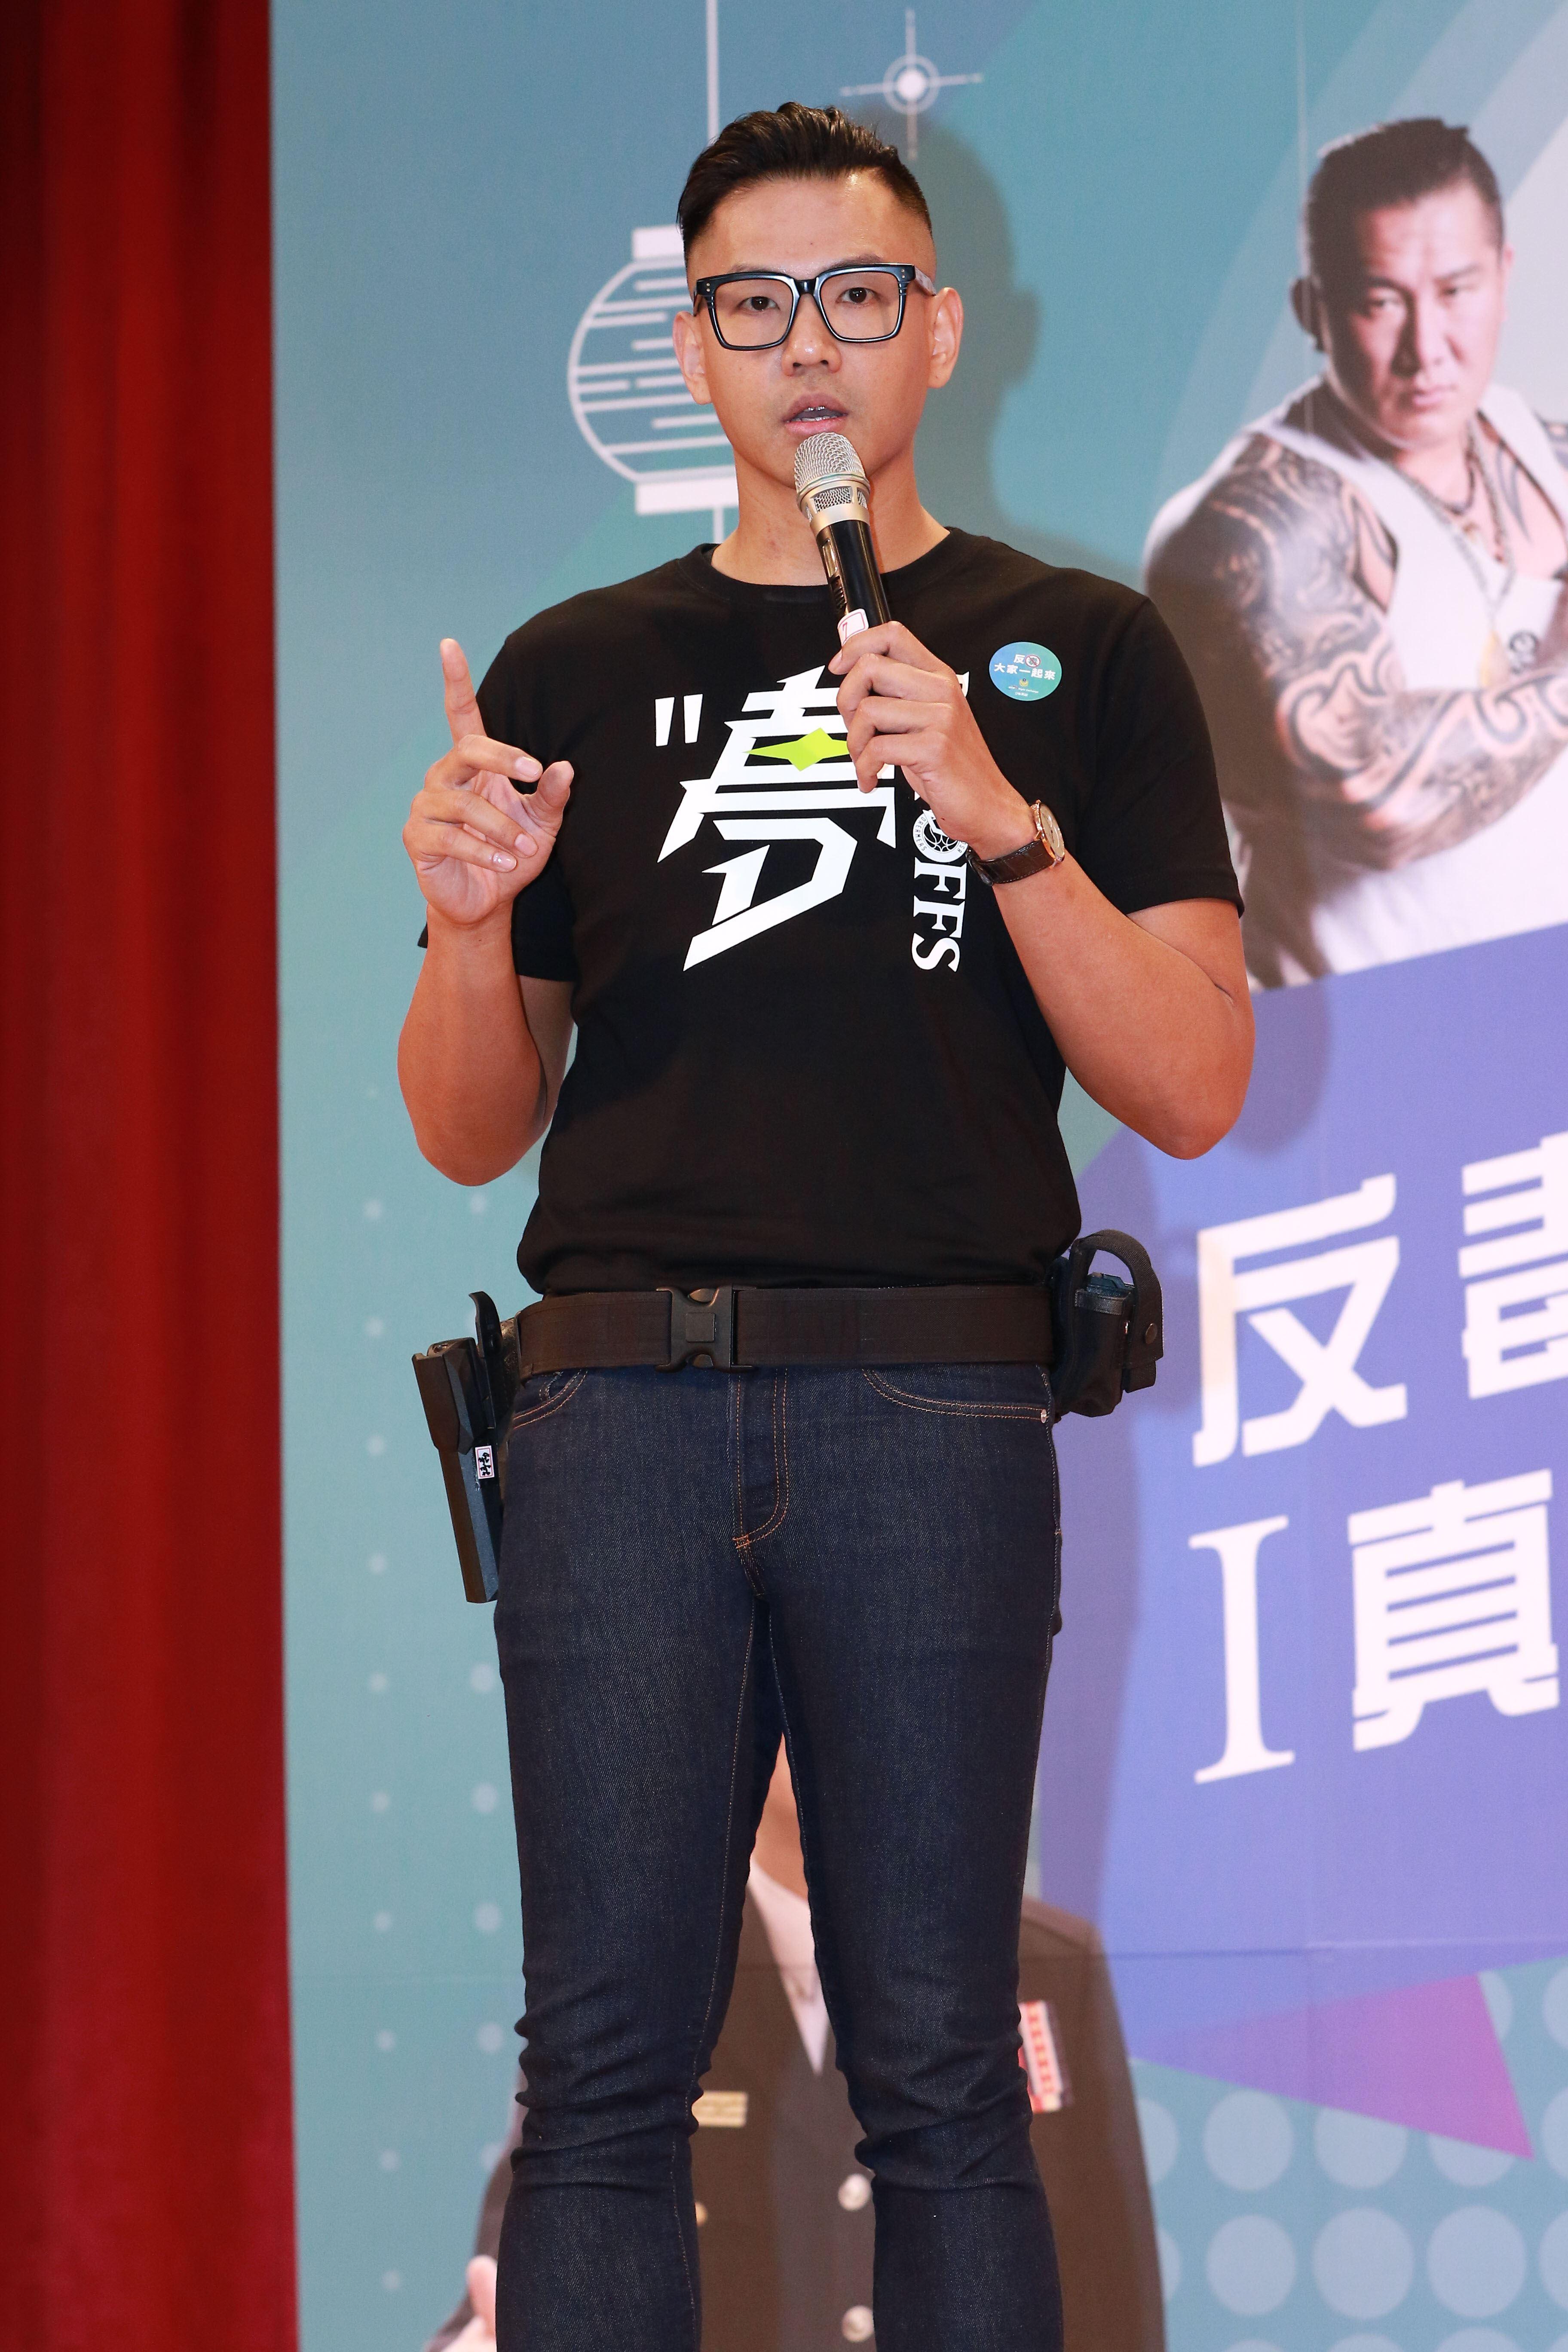 黑人陳建州出席校園反毒宣傳活動並客串反毒影片演出。(記者林士傑/攝影)